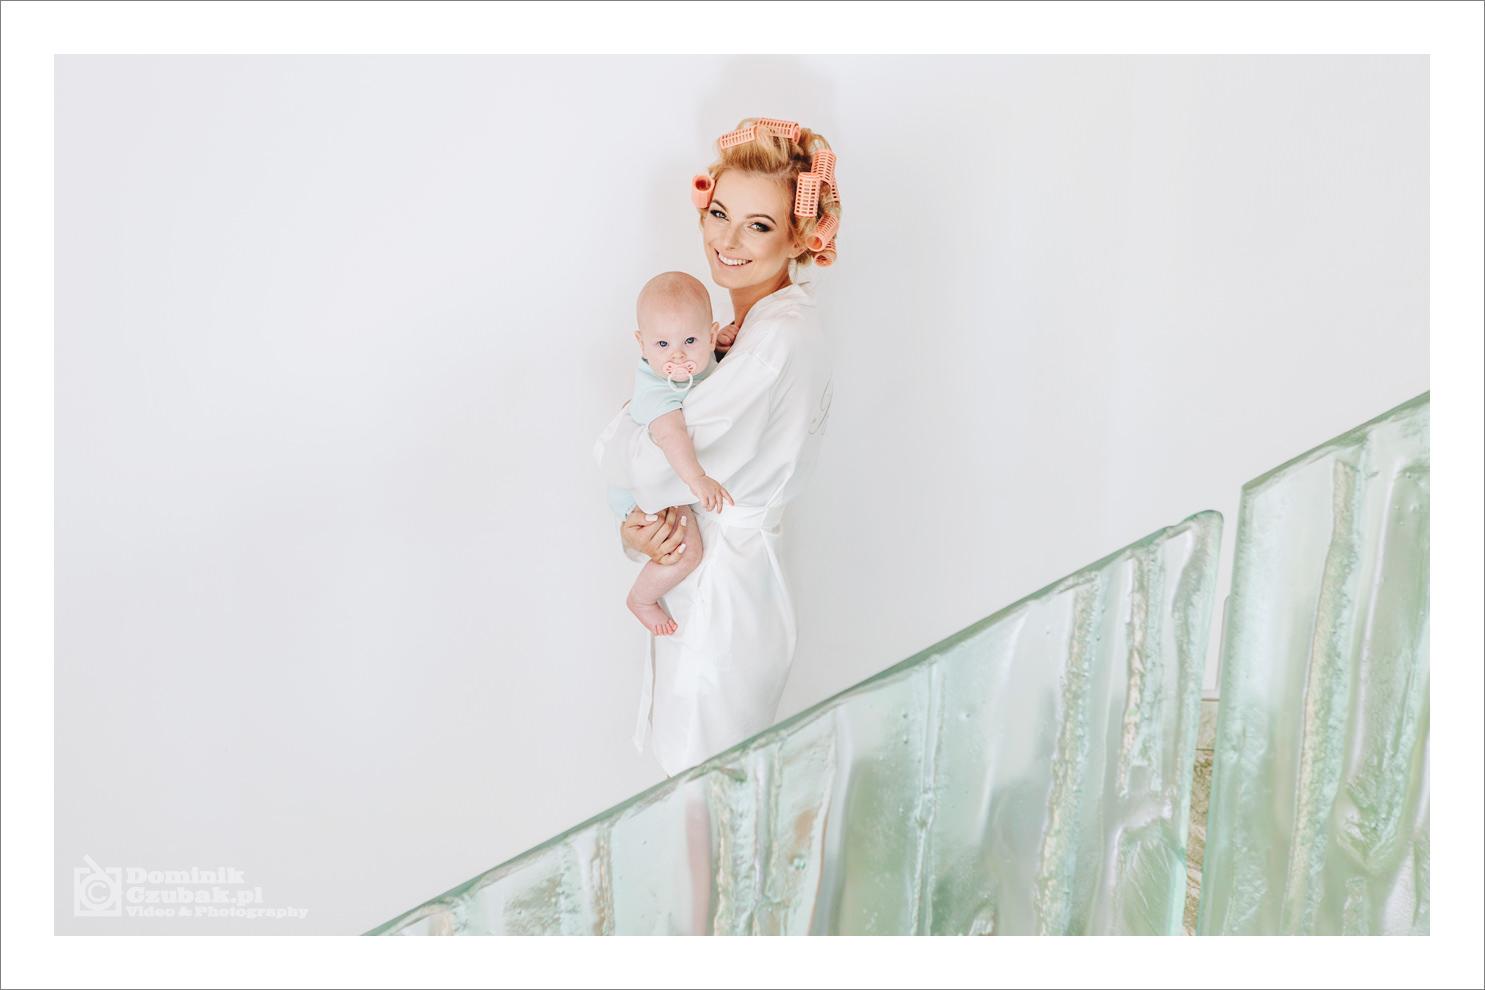 najlepszy-fotograf-slubny-015